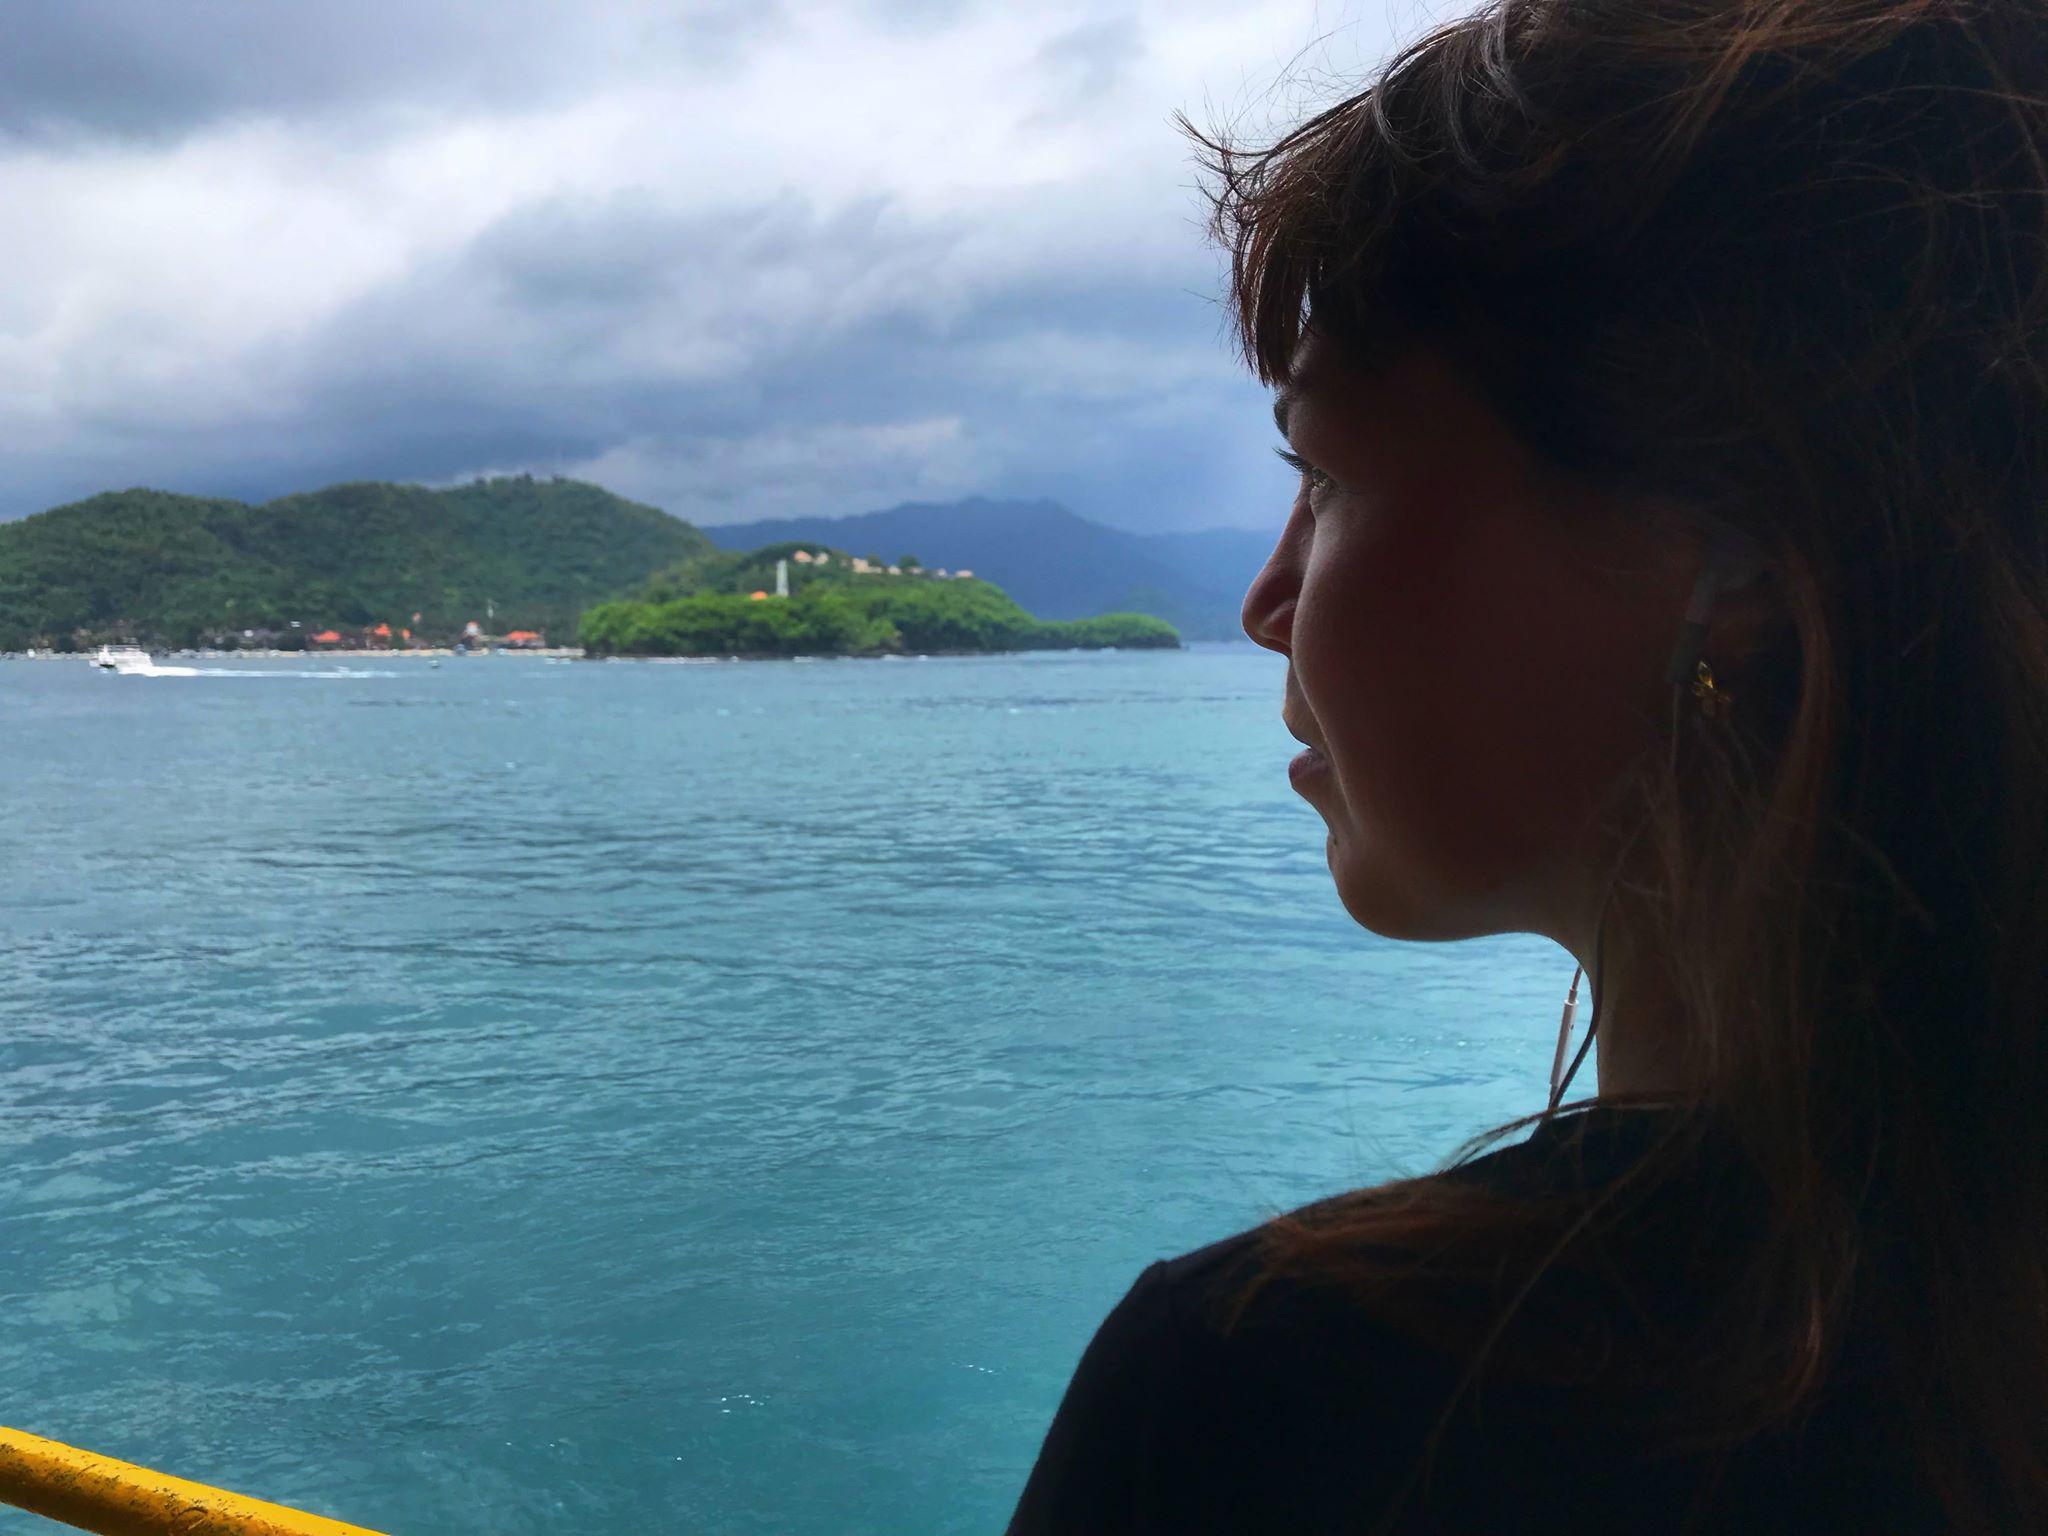 Запахло серой: ночной подъем на вулкан Иджен на острове Ява Запахло серой: ночной подъем на вулкан Иджен на острове Ява 29829649 1979885662328504 282378533 o